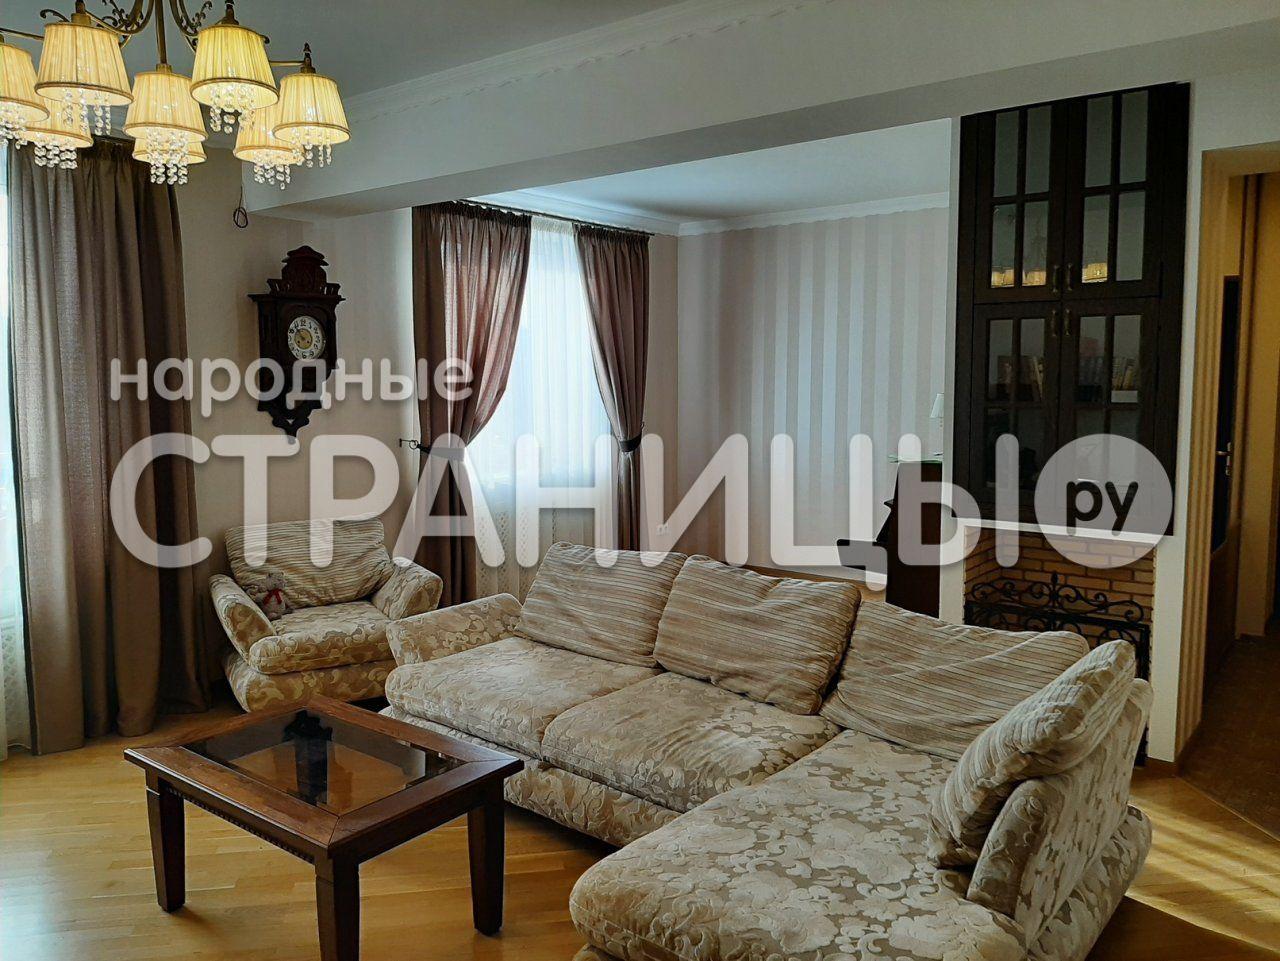 2-комнатная квартира, 72.0 м²,  5/5 эт. Кирпичный дом